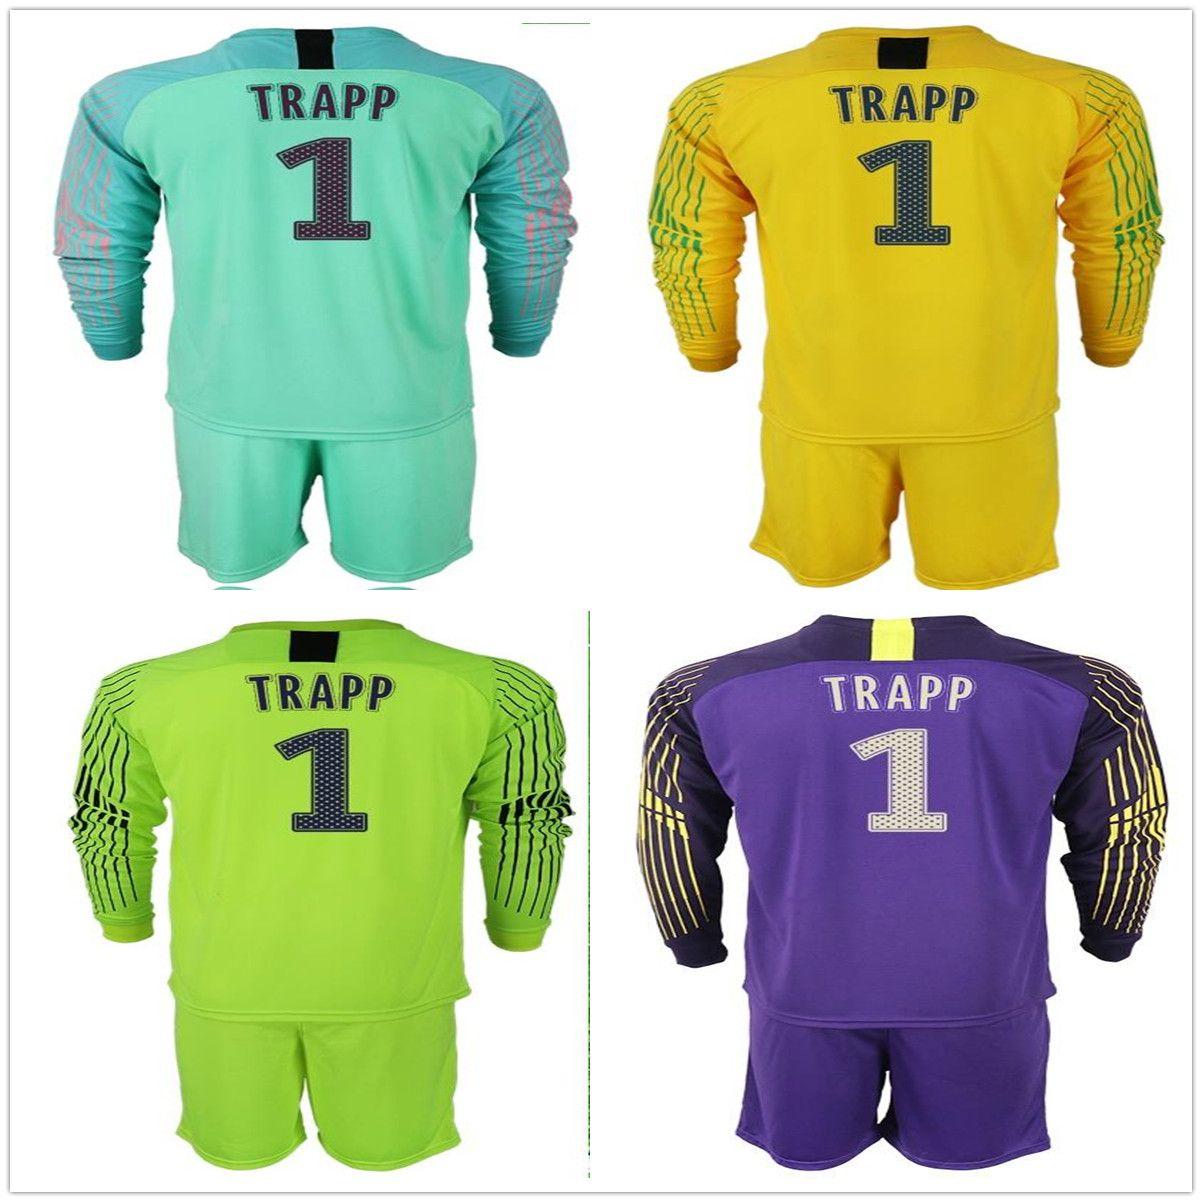 Compre 2018 2019 Manga Larga Gianluigi   1 Buffon Trapp Portero Jersey  Fluorescente Verde Amarillo Púrpura Fútbol Establece Hombres Uniforme De  Fútbol Kit A ... ce1e1118a64ee